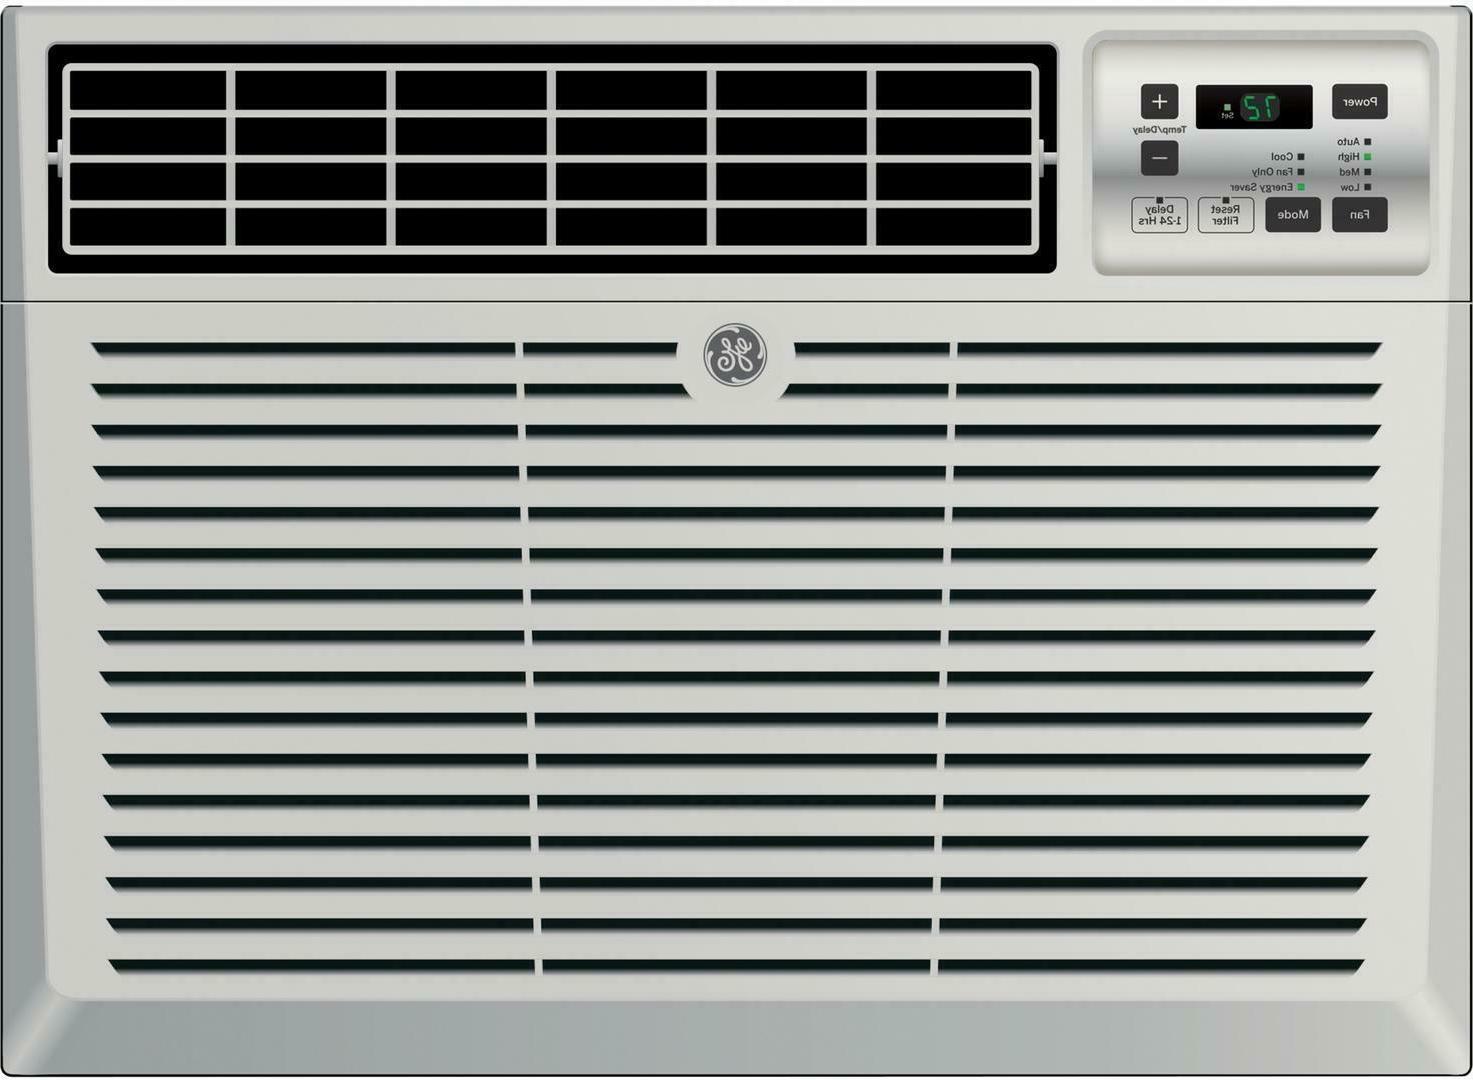 aem08lx window air conditioner